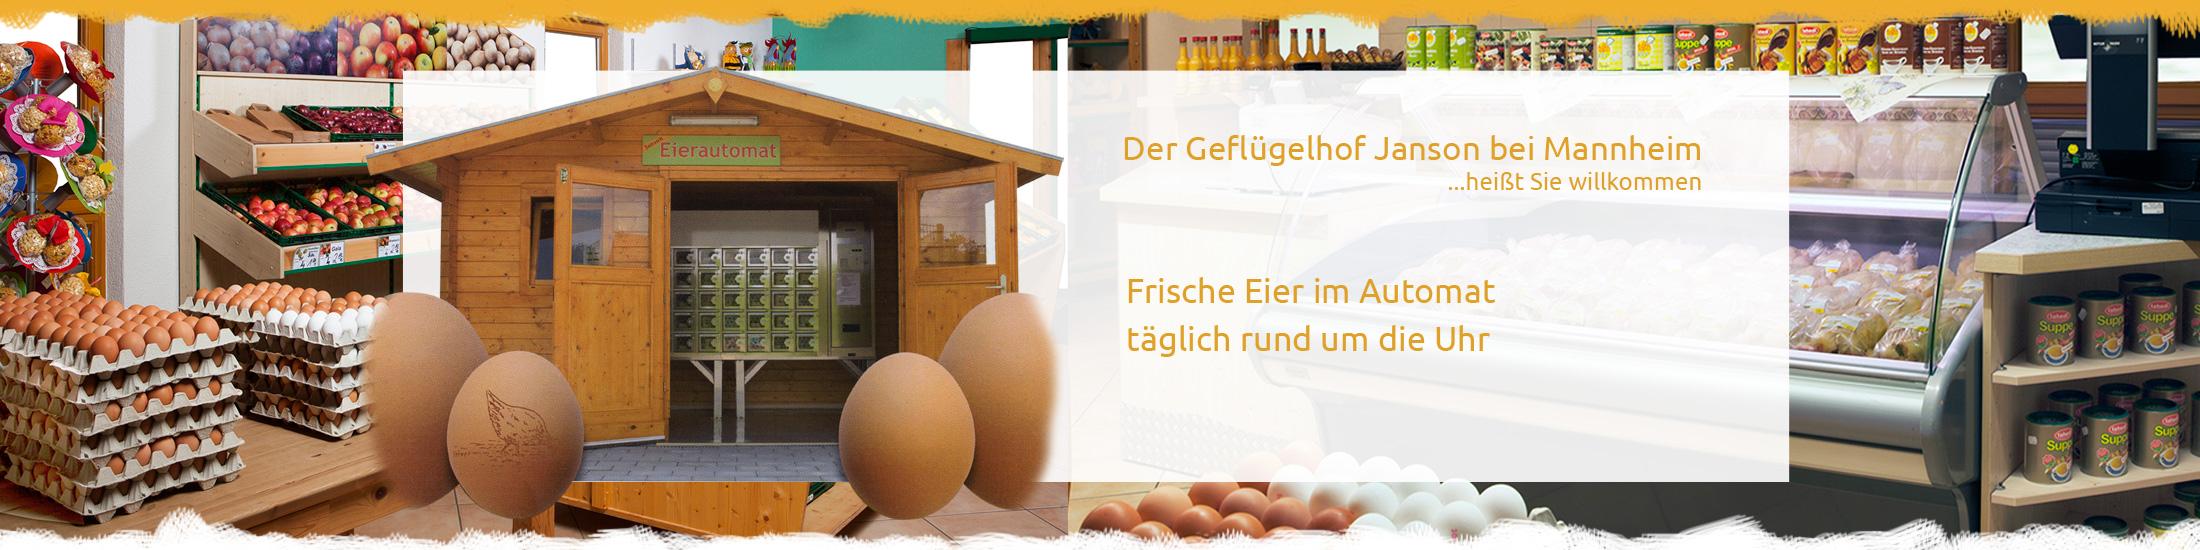 Geflügelhof / Hofladen Janson in Hockenheim bei Mannheim und Heidelberg - täglich frische Eier